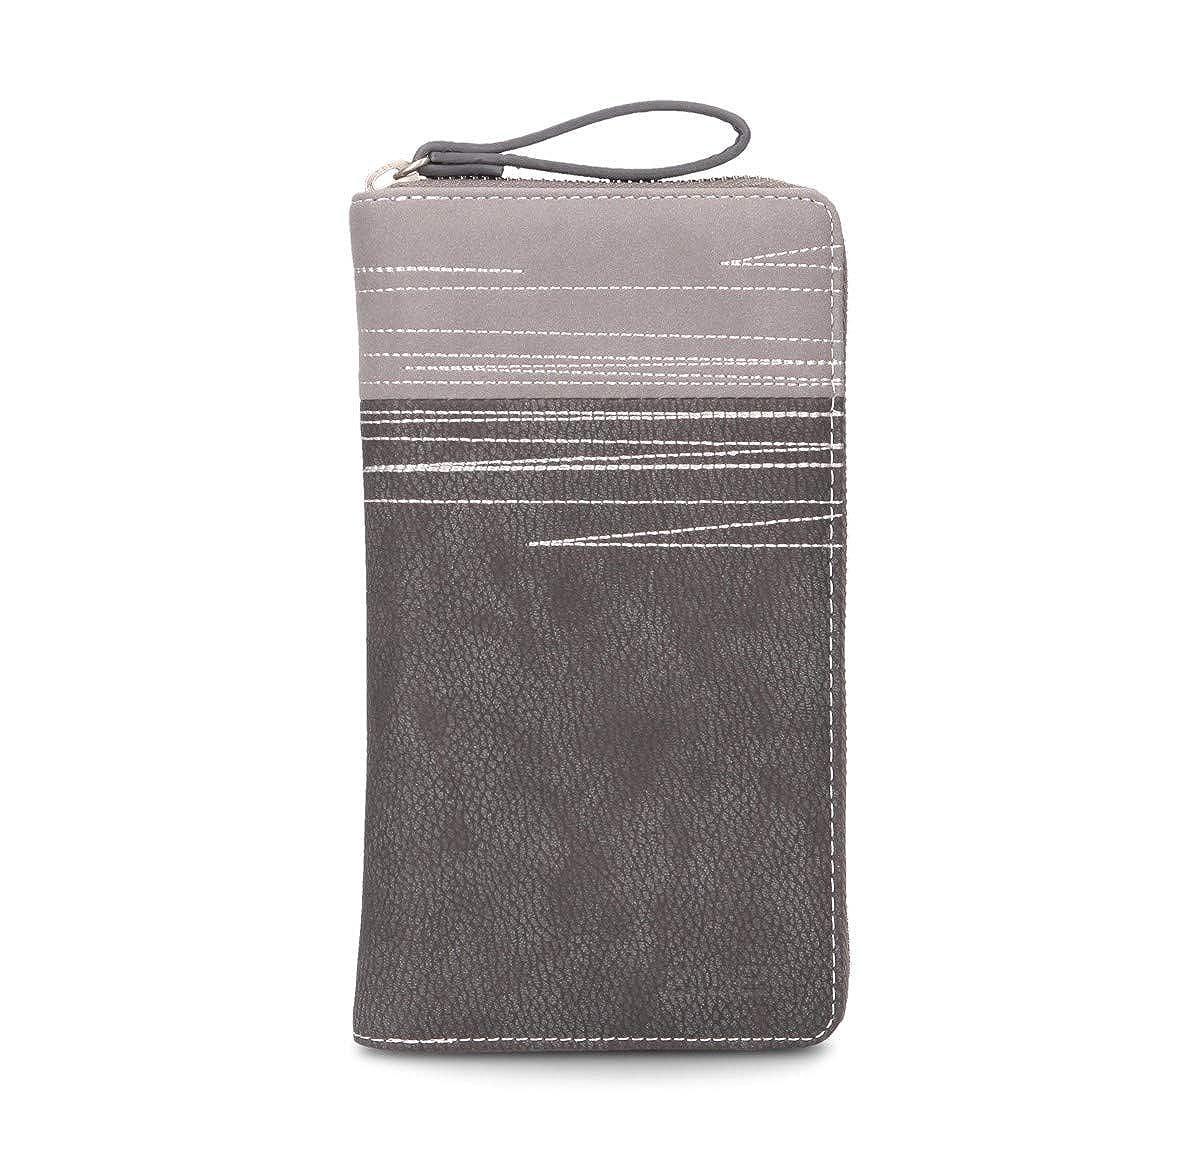 Zwei Cherie CH2 Rei/ßverschluss Geldb/örse Portemonnaie Geldbeutel Brieftasche Portmonee